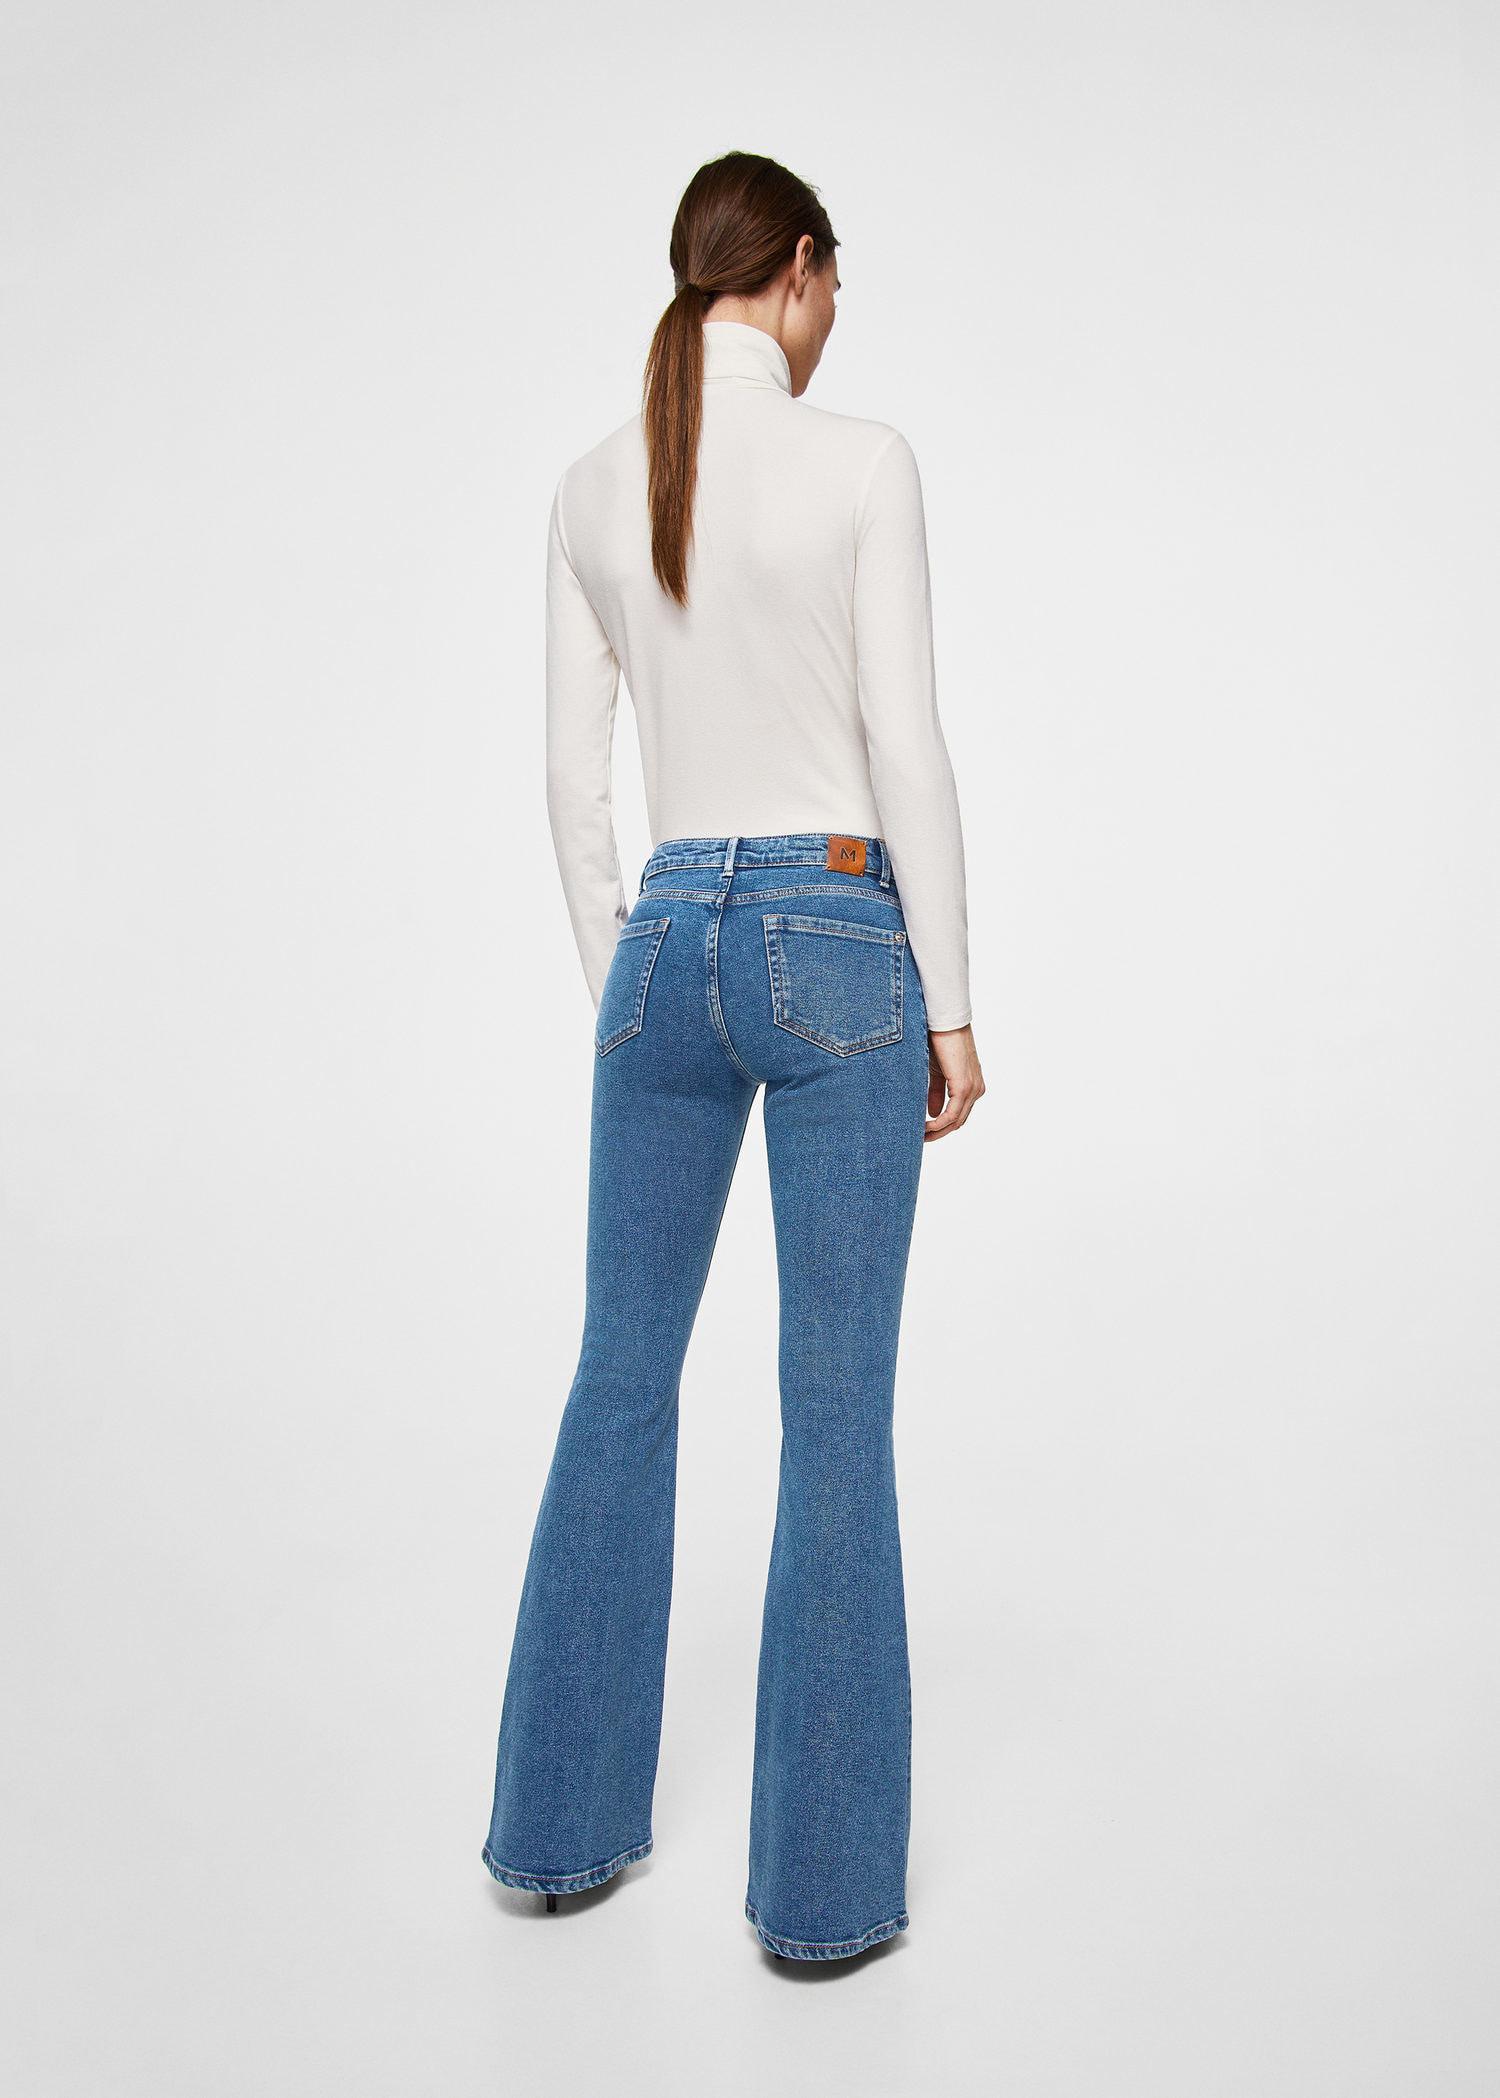 Mango Denim Flared Jeans in Blue